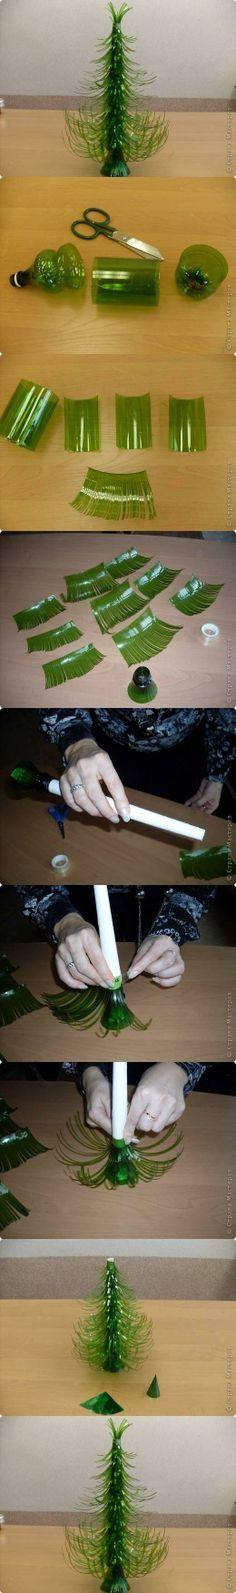 DIY Plastic Bottle Christmas Trees